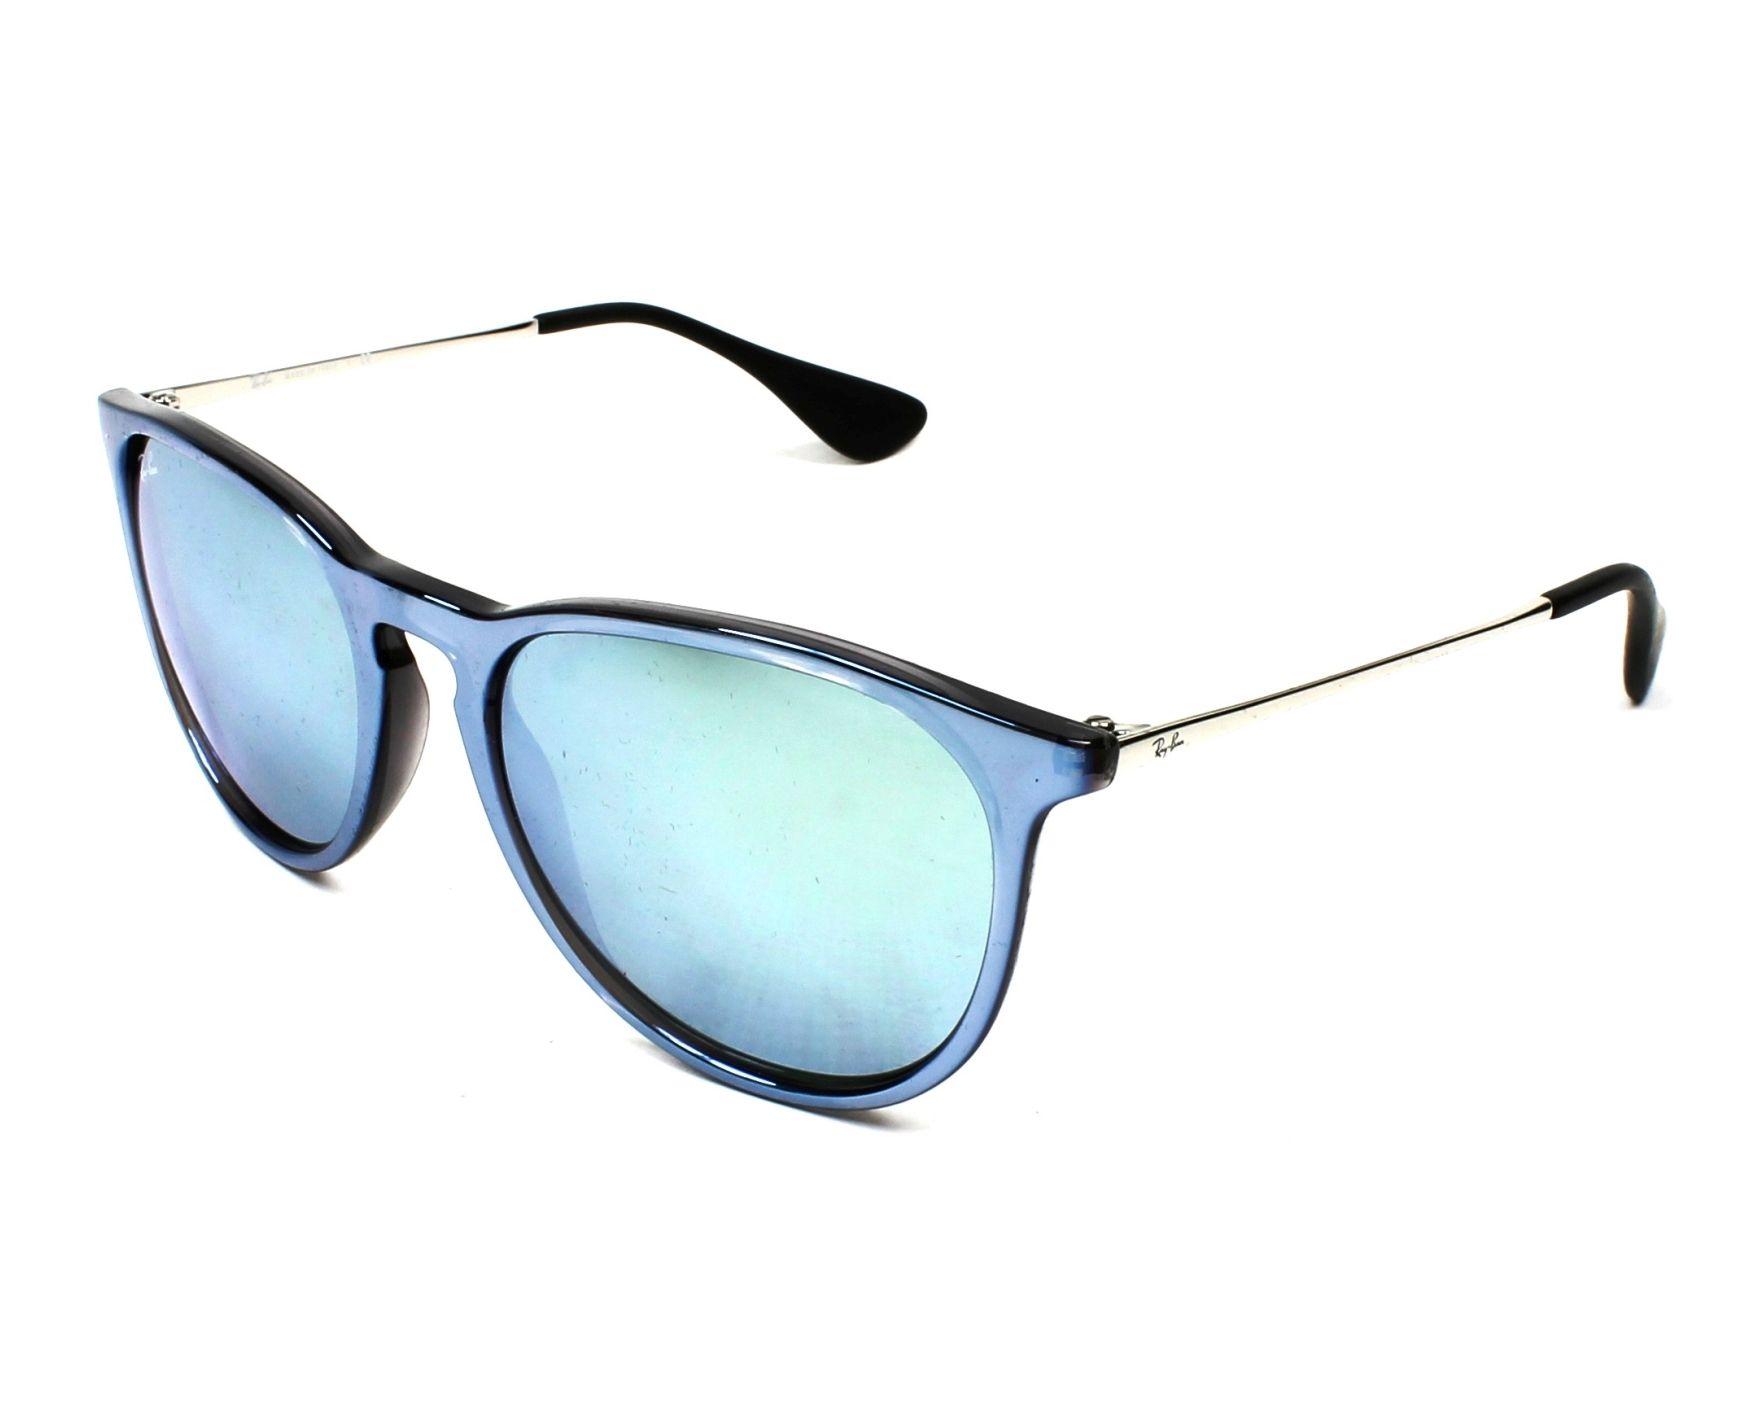 8da2987d9a Gafas de sol Ray-Ban RB-4171 631930 54-17 Azul Plata vista